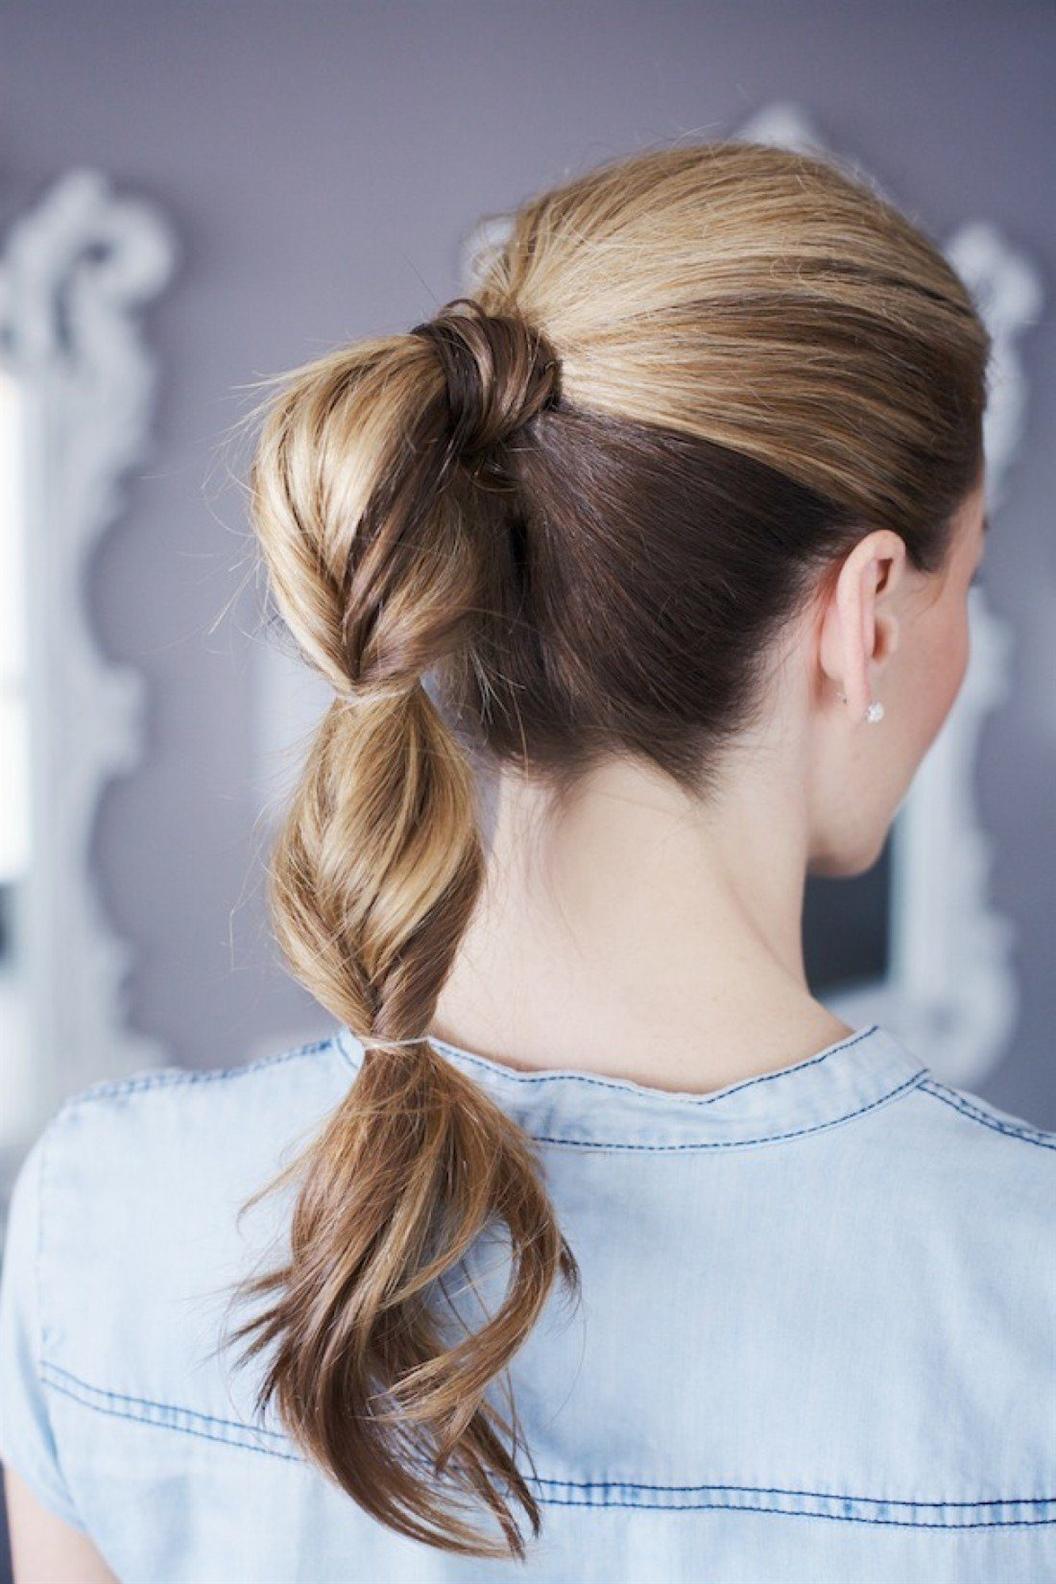 Frisuren Lange Haare Flechten Geben Sie moderne Frisuren nicht auf, nur weil sie Ihnen zu trendy erscheinen. Bündel sind bei jungen Mädchen sehr beliebt, sehen aber auf den Haaren von Frauen mittleren Alters genauso gut aus.